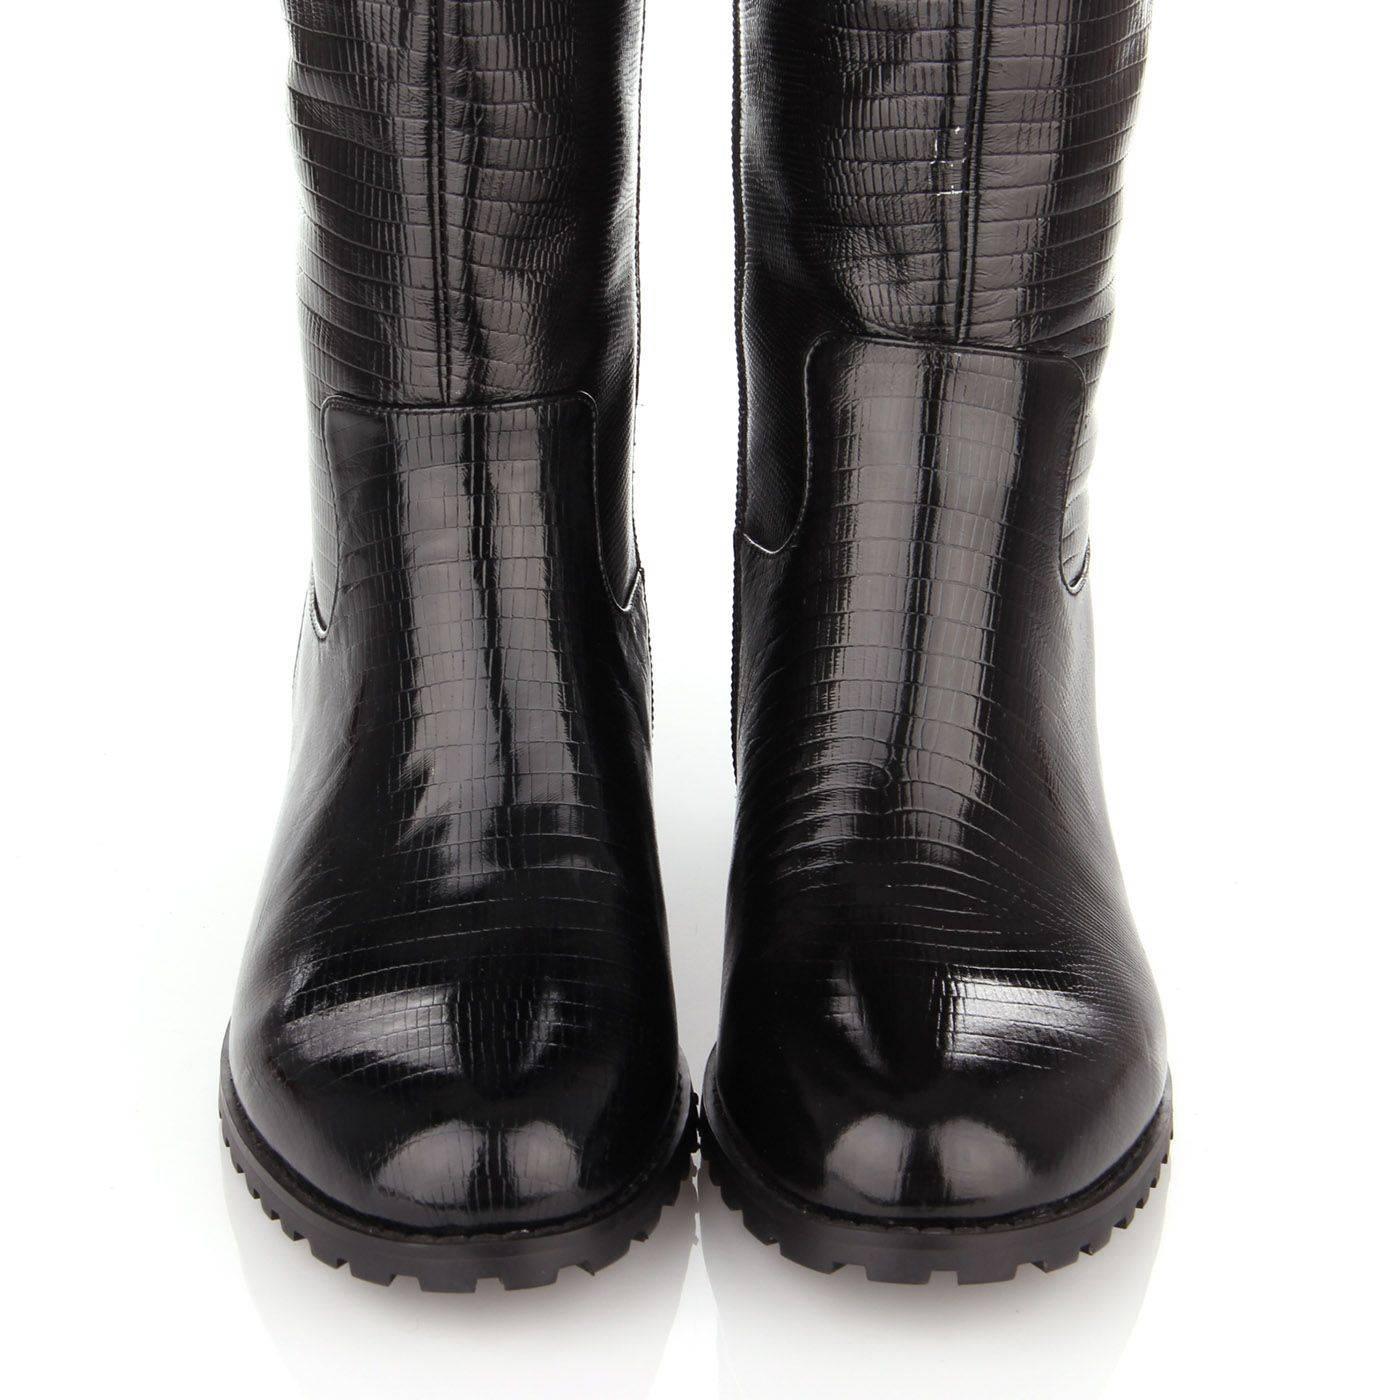 Чоботи жіночі ditto 4393 Чорний купить по выгодной цене в интернет ... 01c685db53ff6